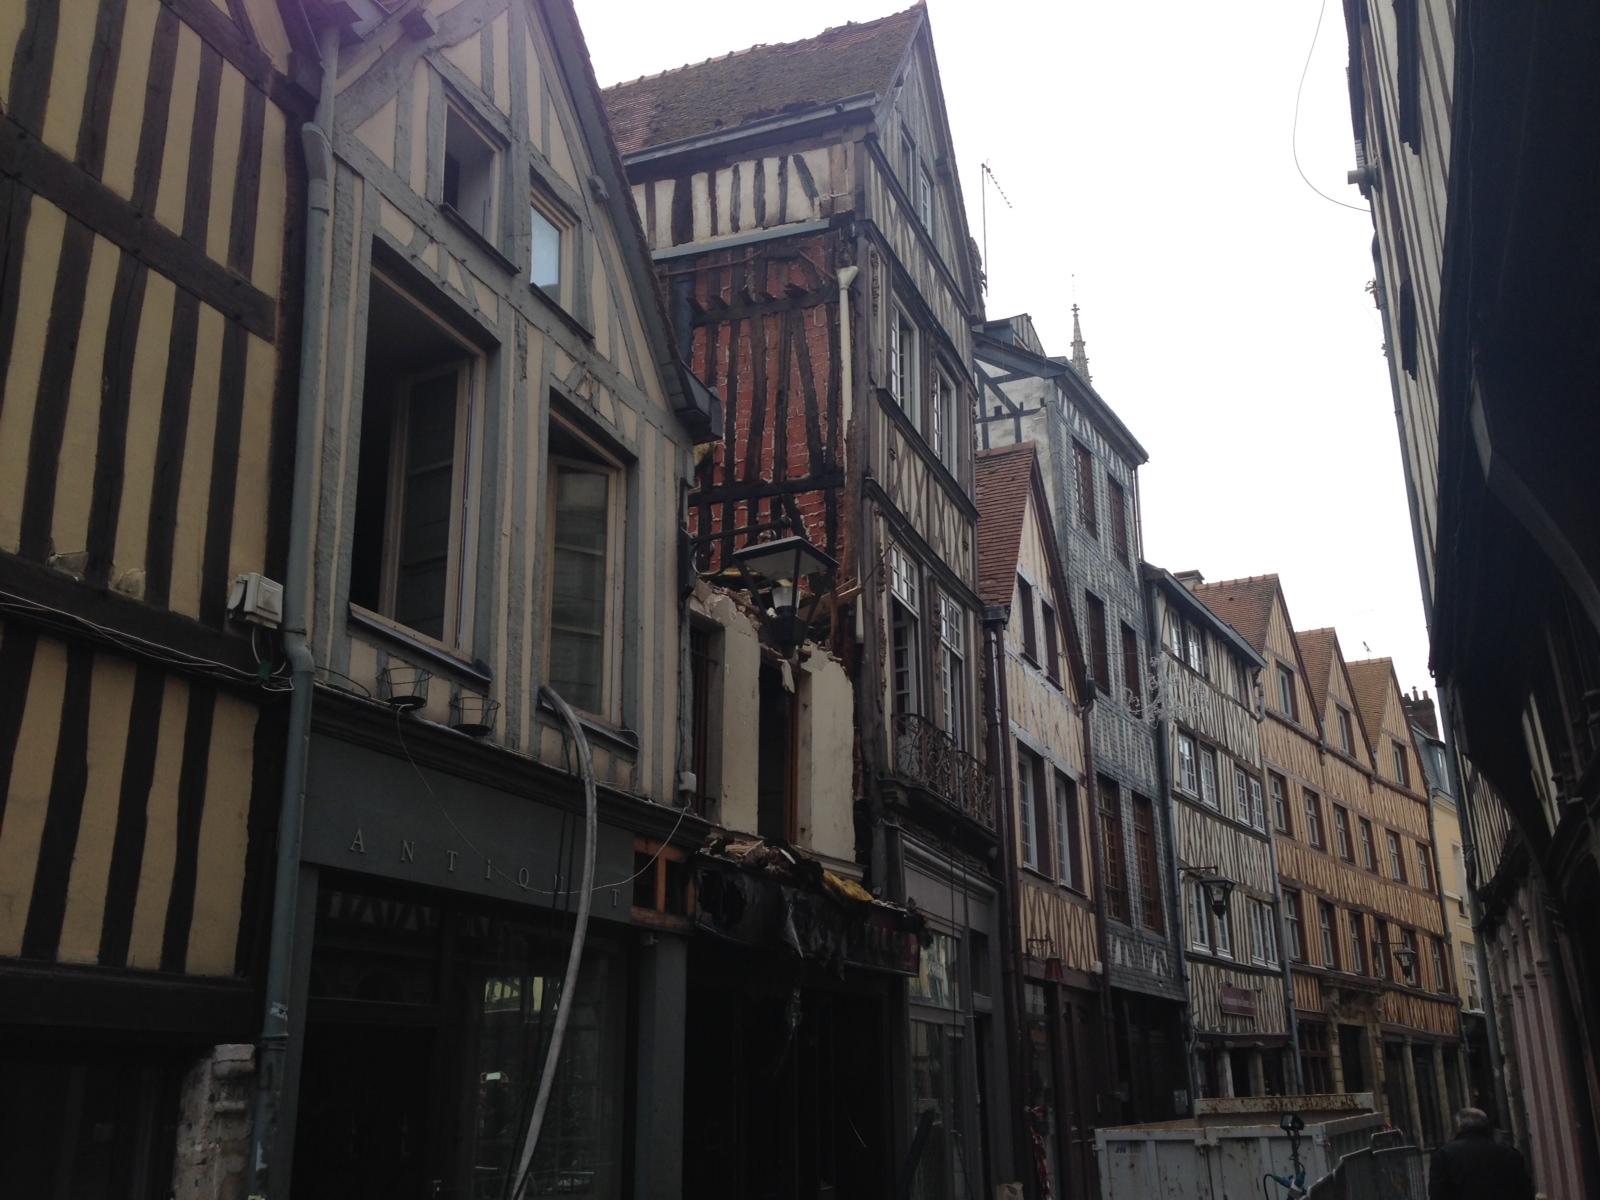 Un immeuble du centre historique de Rouen soufflé par une explosion ?